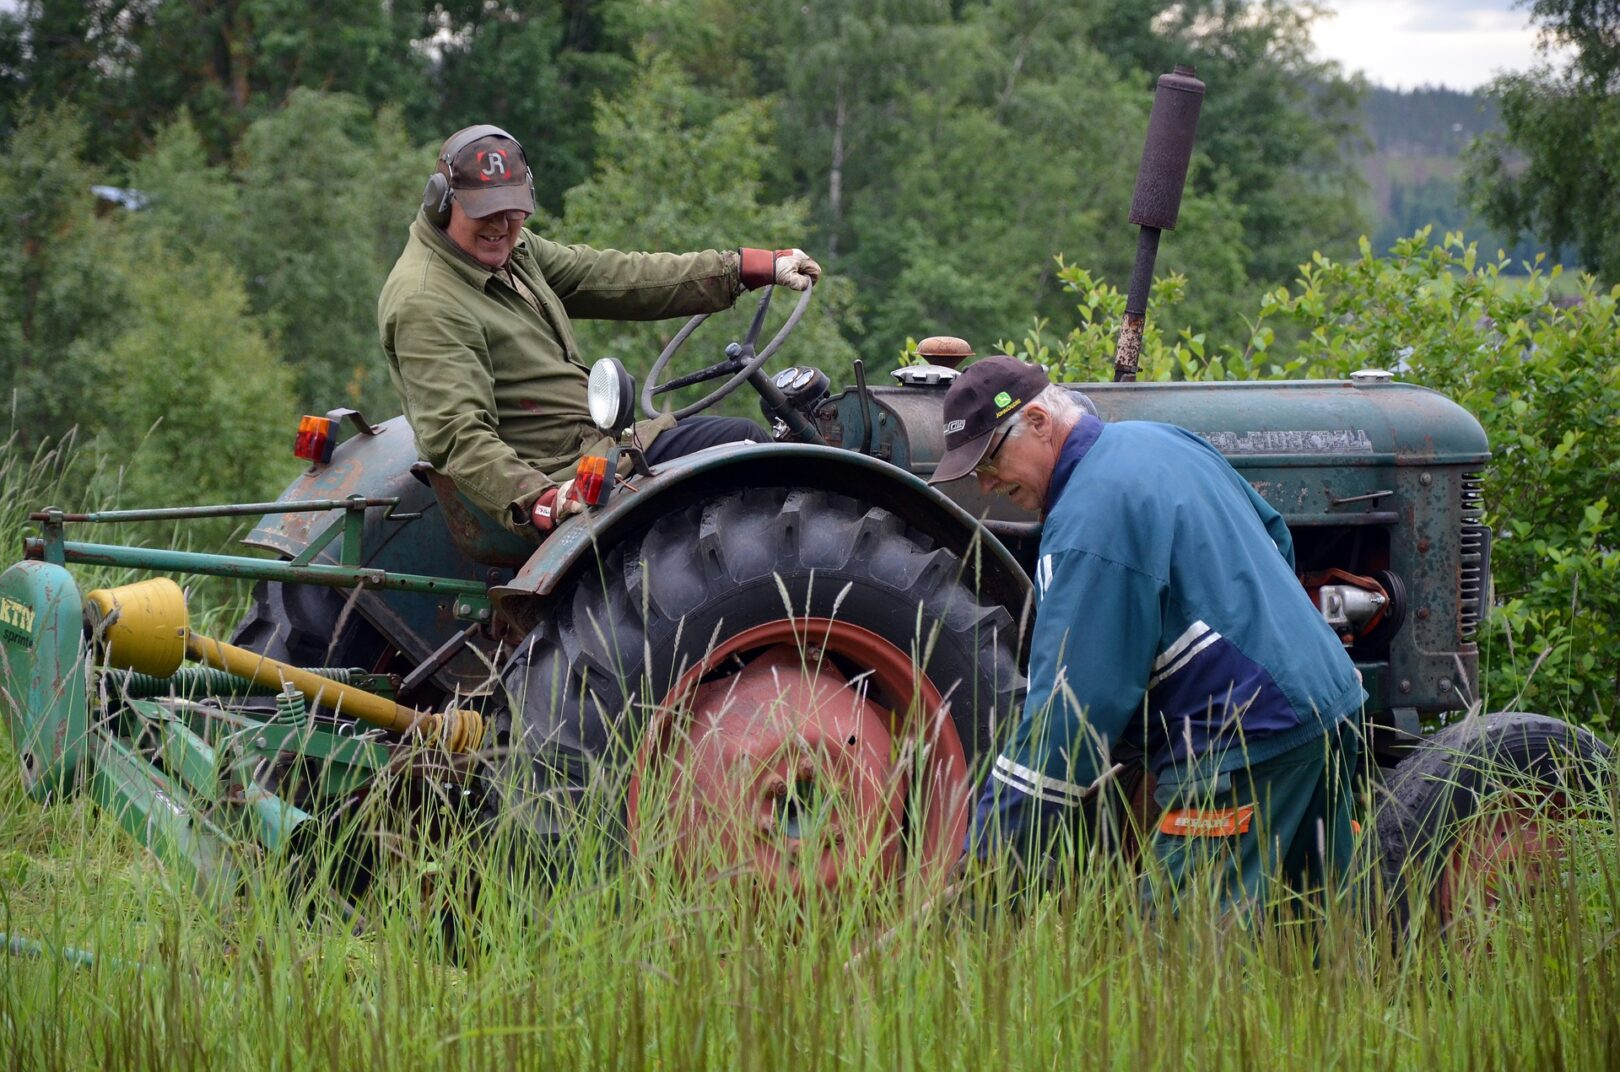 Težava v kmetijstvu ni traktor, ampak nizke pokojnine in nizke odkupne cene.